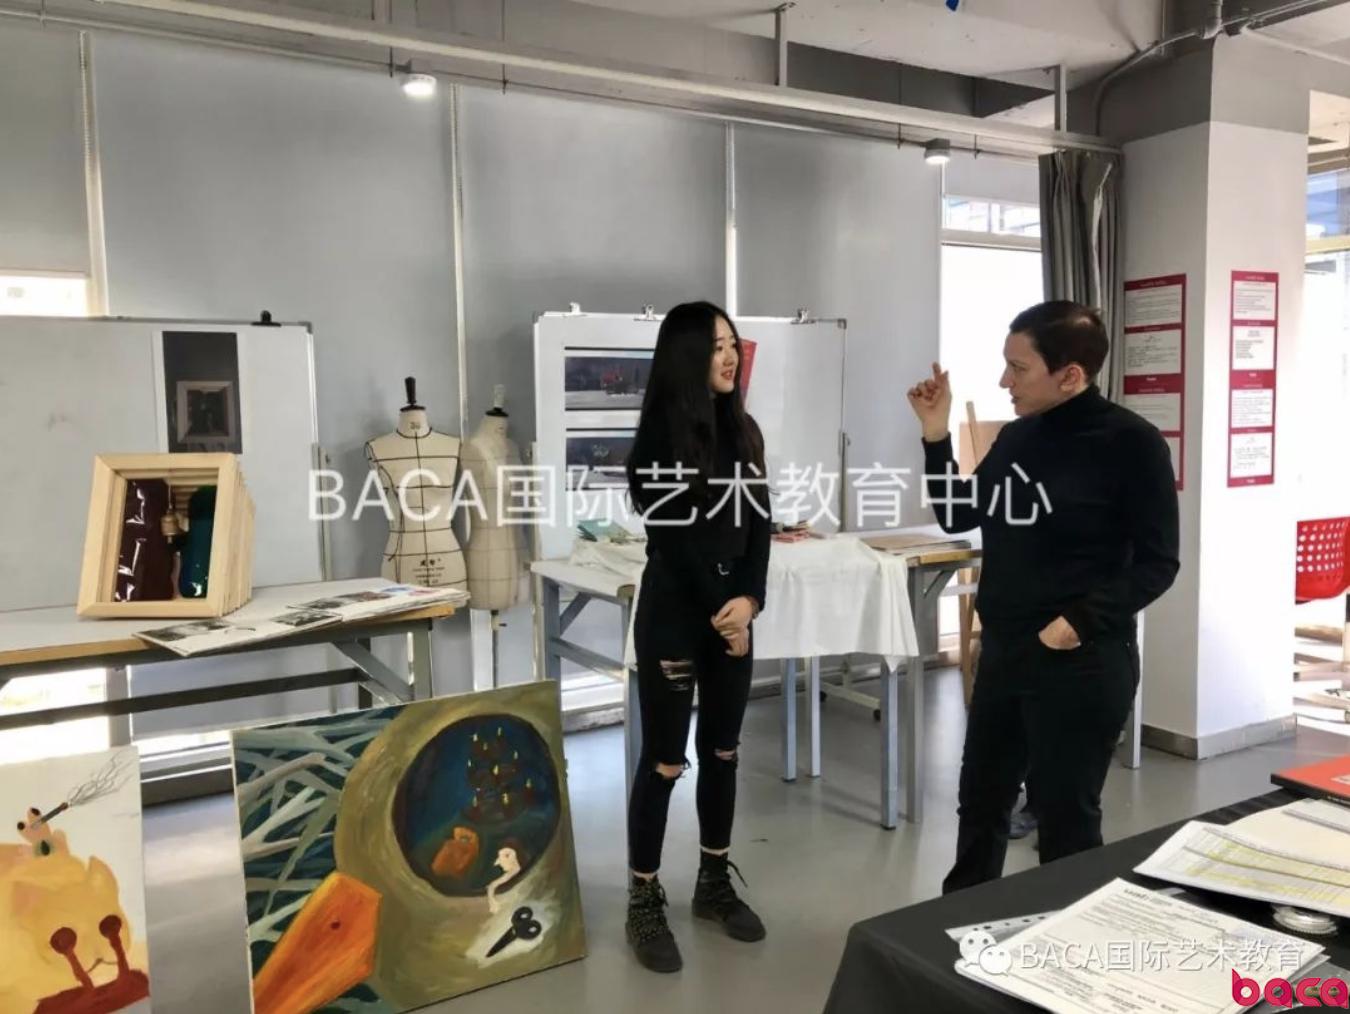 伦敦艺术大学BACA专场面试